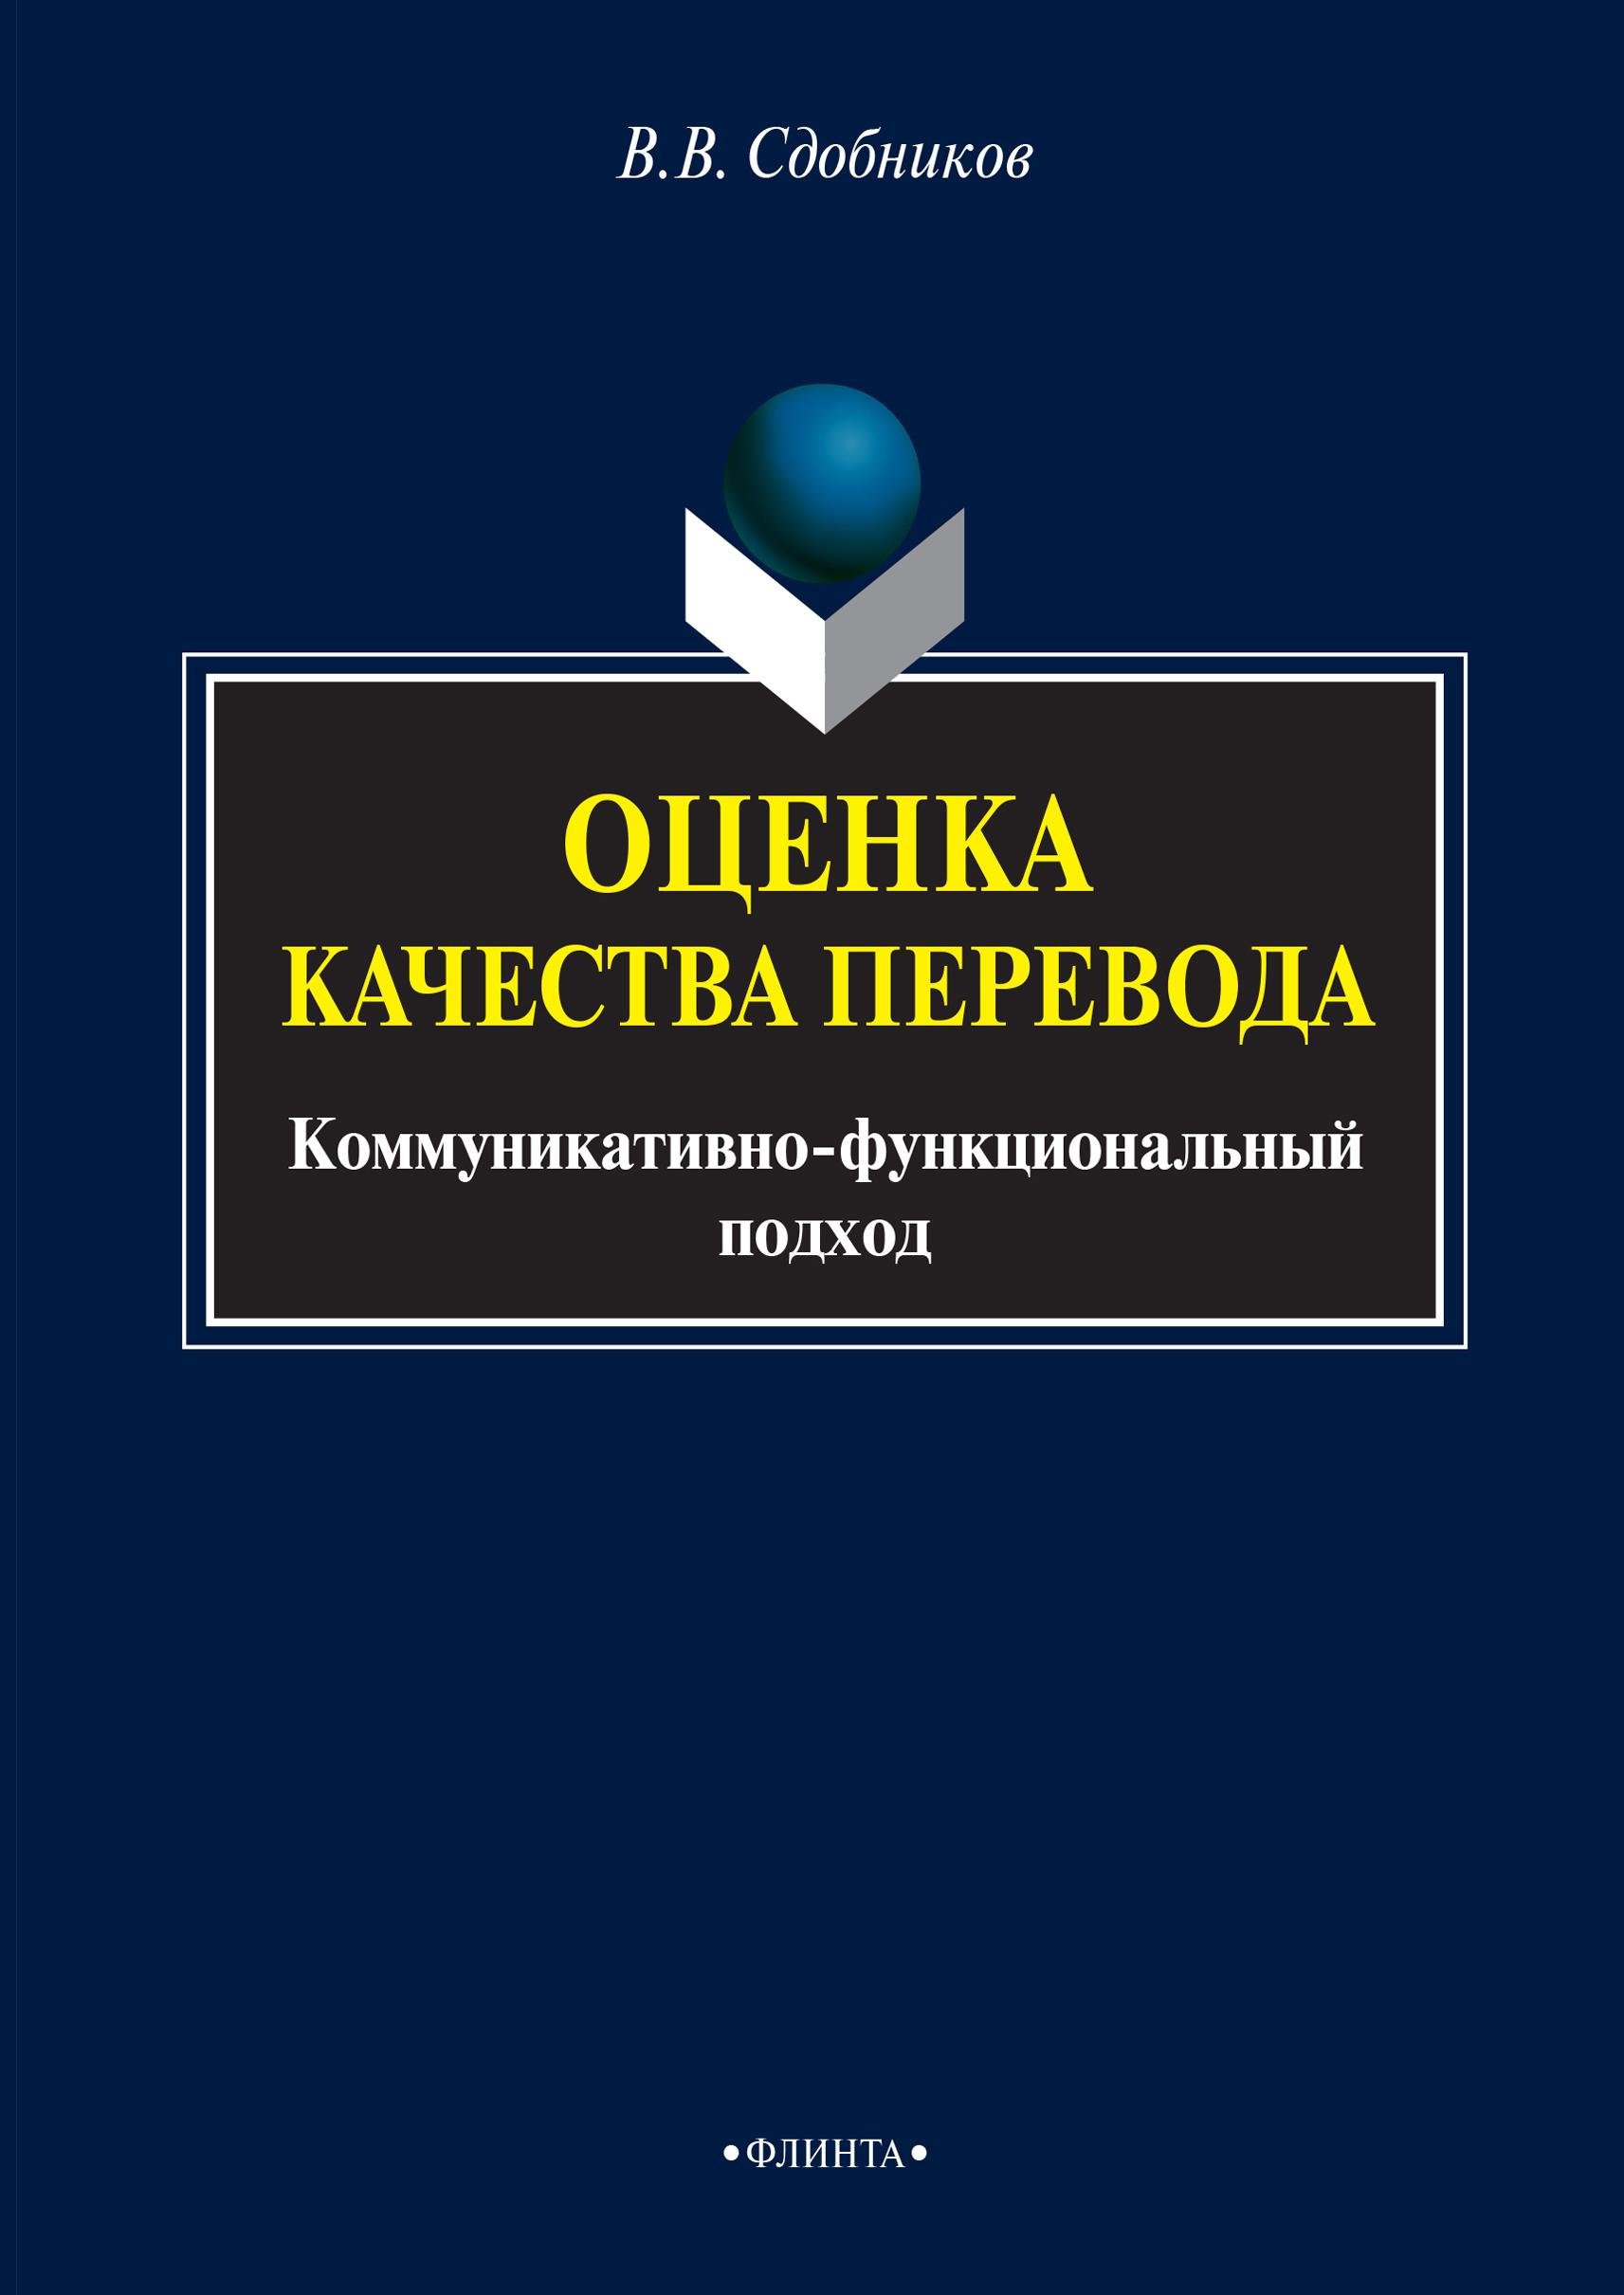 В. В. Сдобников Оценка качества перевода. Коммуникативно-функциональный подход